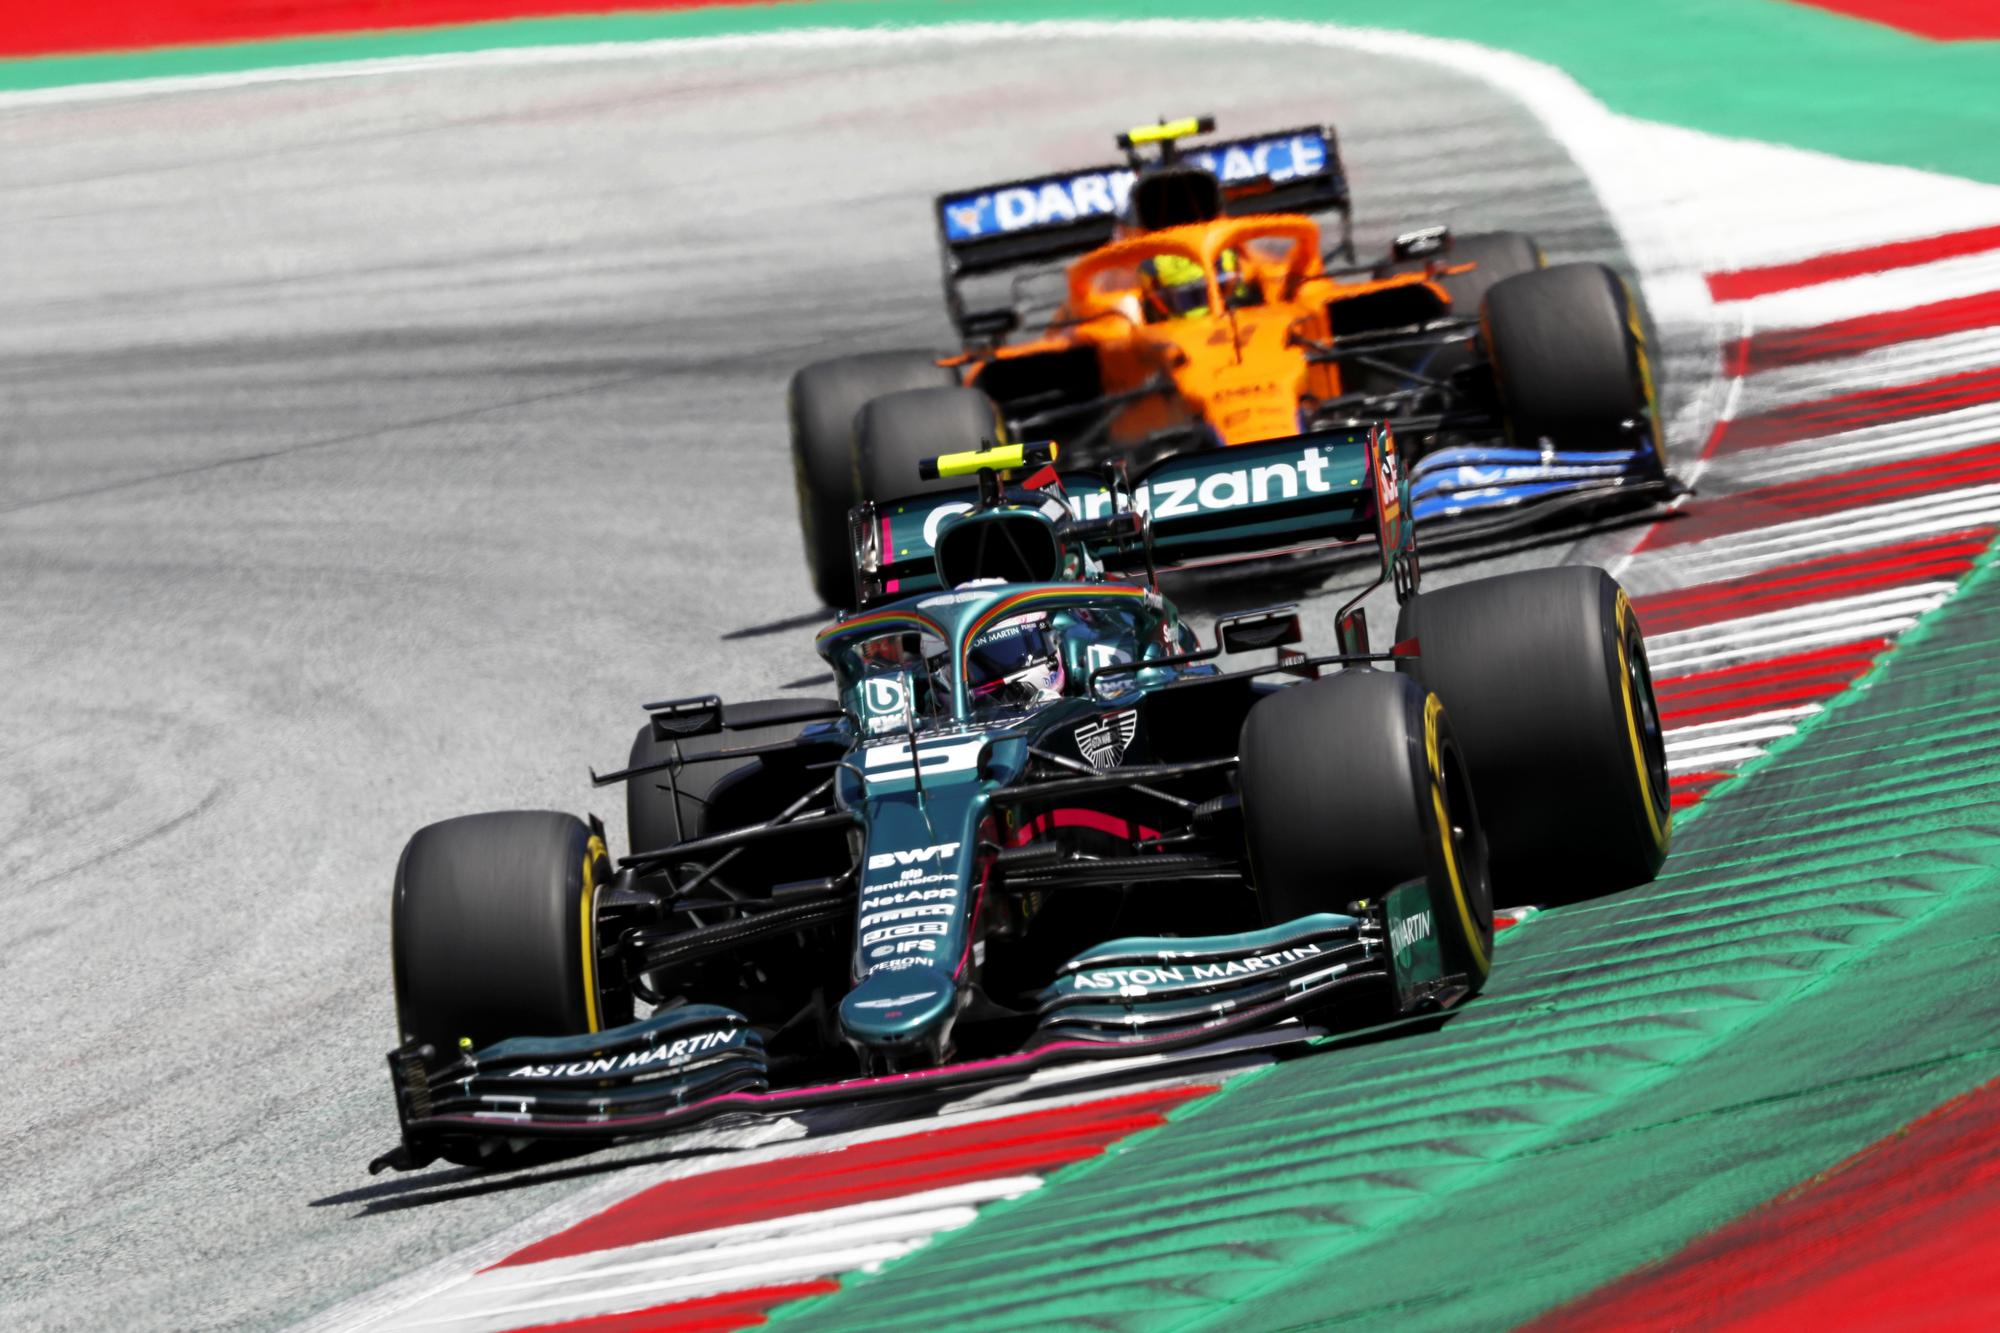 Az F1 újítása miatt robbanhat ki az újabb botrány